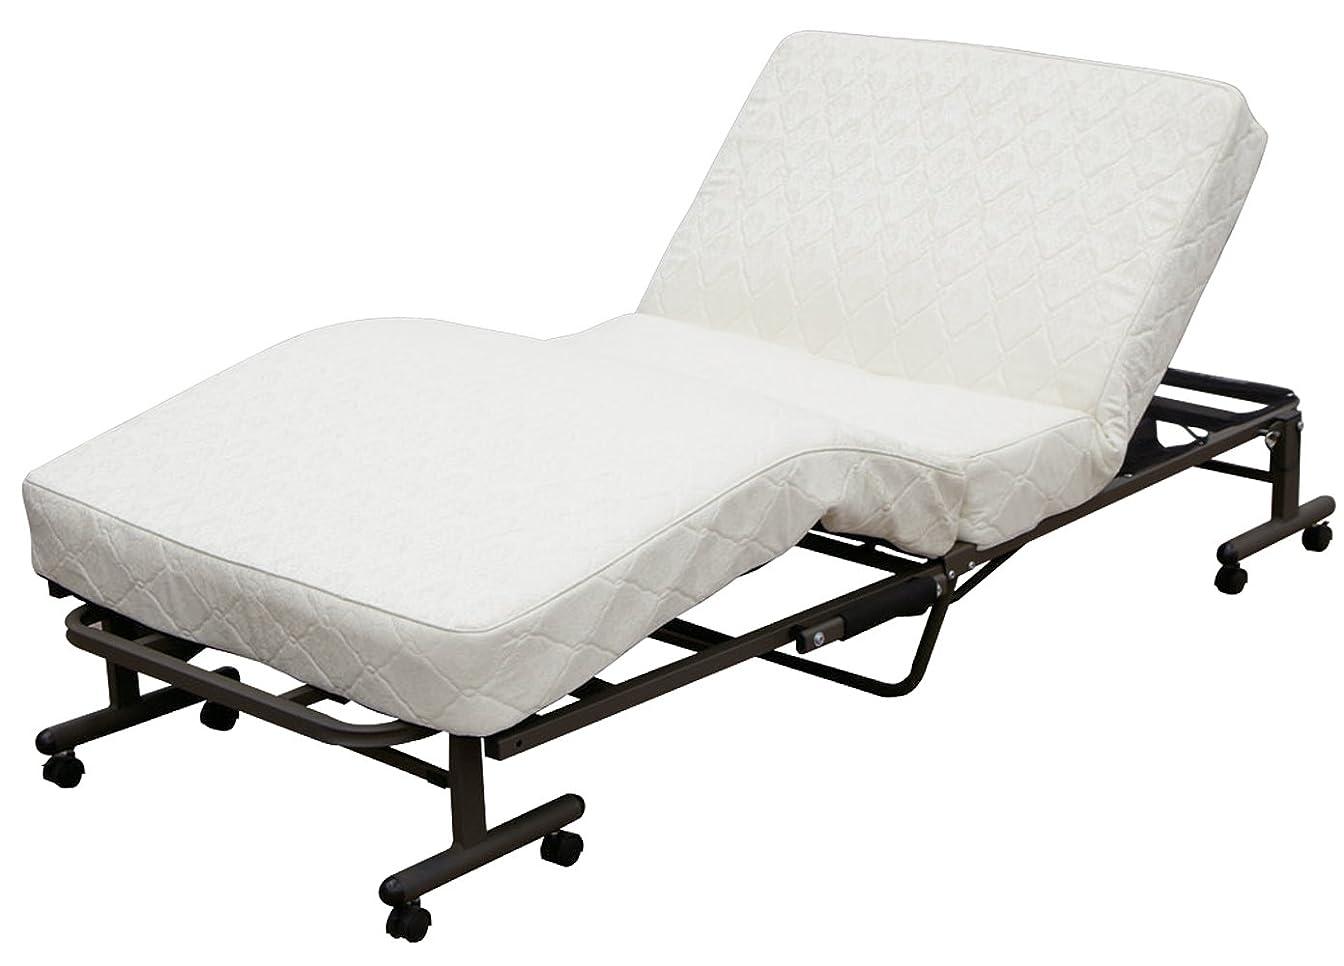 チーターベッドを作るラックアイリスオーヤマ ベッド 折りたたみベッド 電動ベッド シングル 収納  高反発 リクライニング  コイルタイプ 完成品 ホワイト OTB-CDN